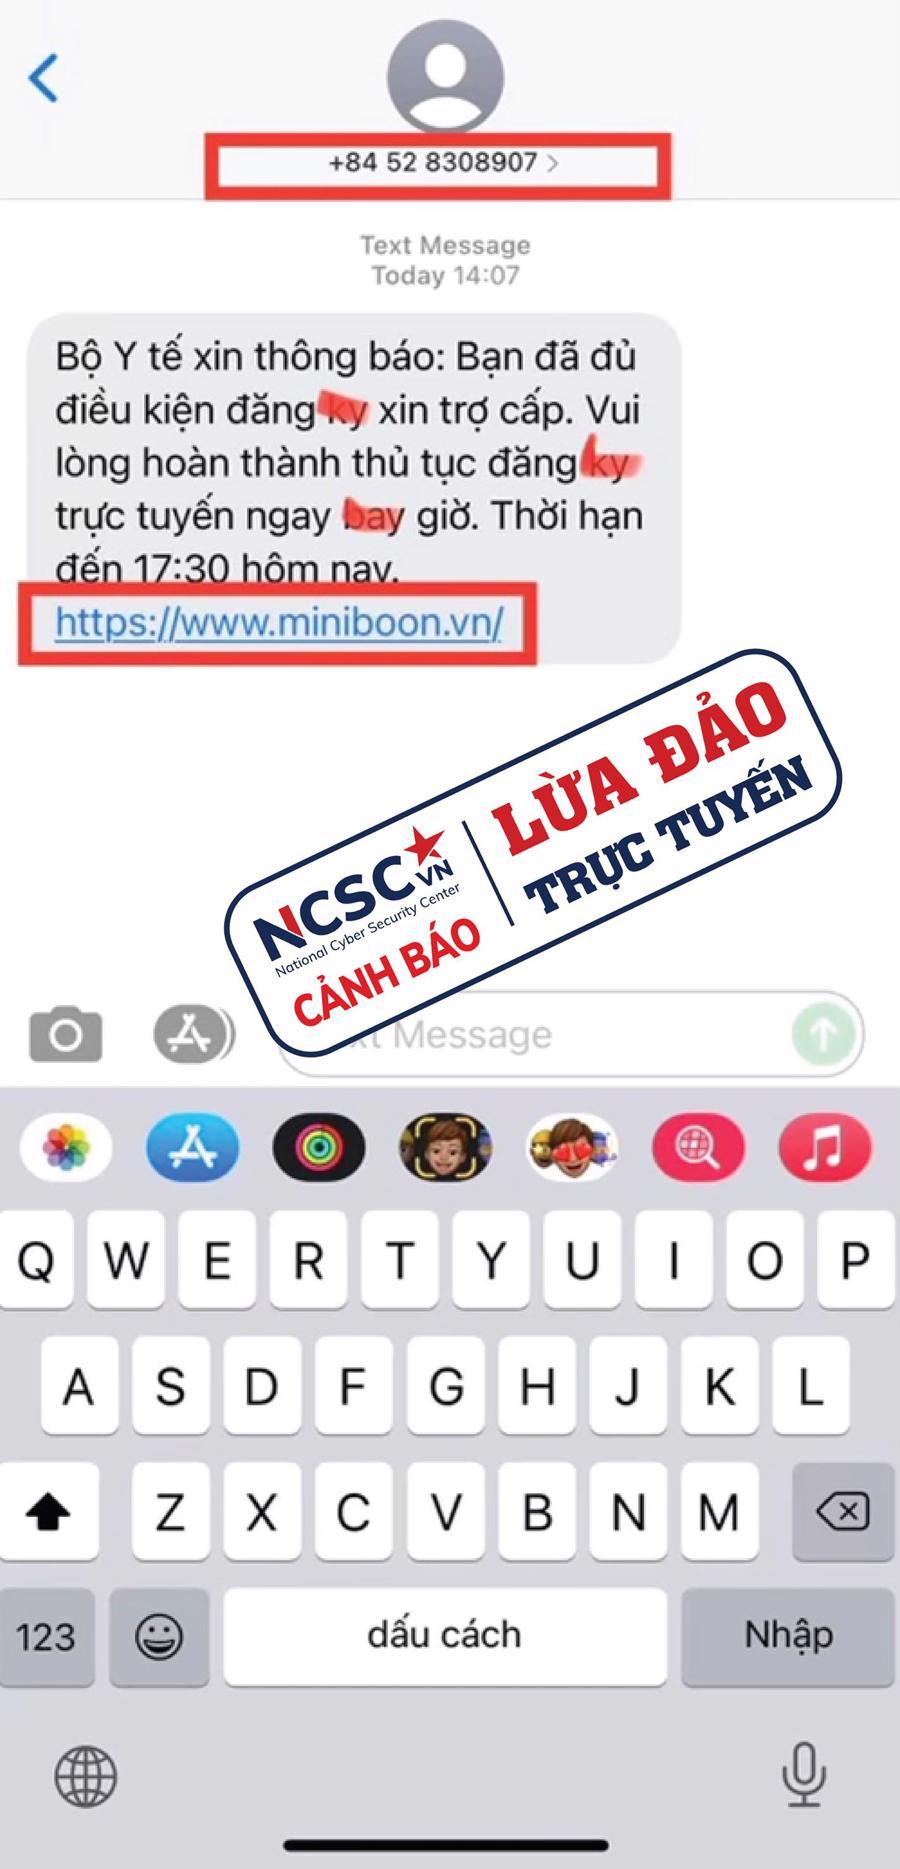 Tin nhắn SMS lừa đảo, yêu cầu truy cập link và làm theo hướng dẫn nhằm lấy cắp thông tin cá nhân và có thể mất tiền trong tài khoản khi cung cấp mã OTP.